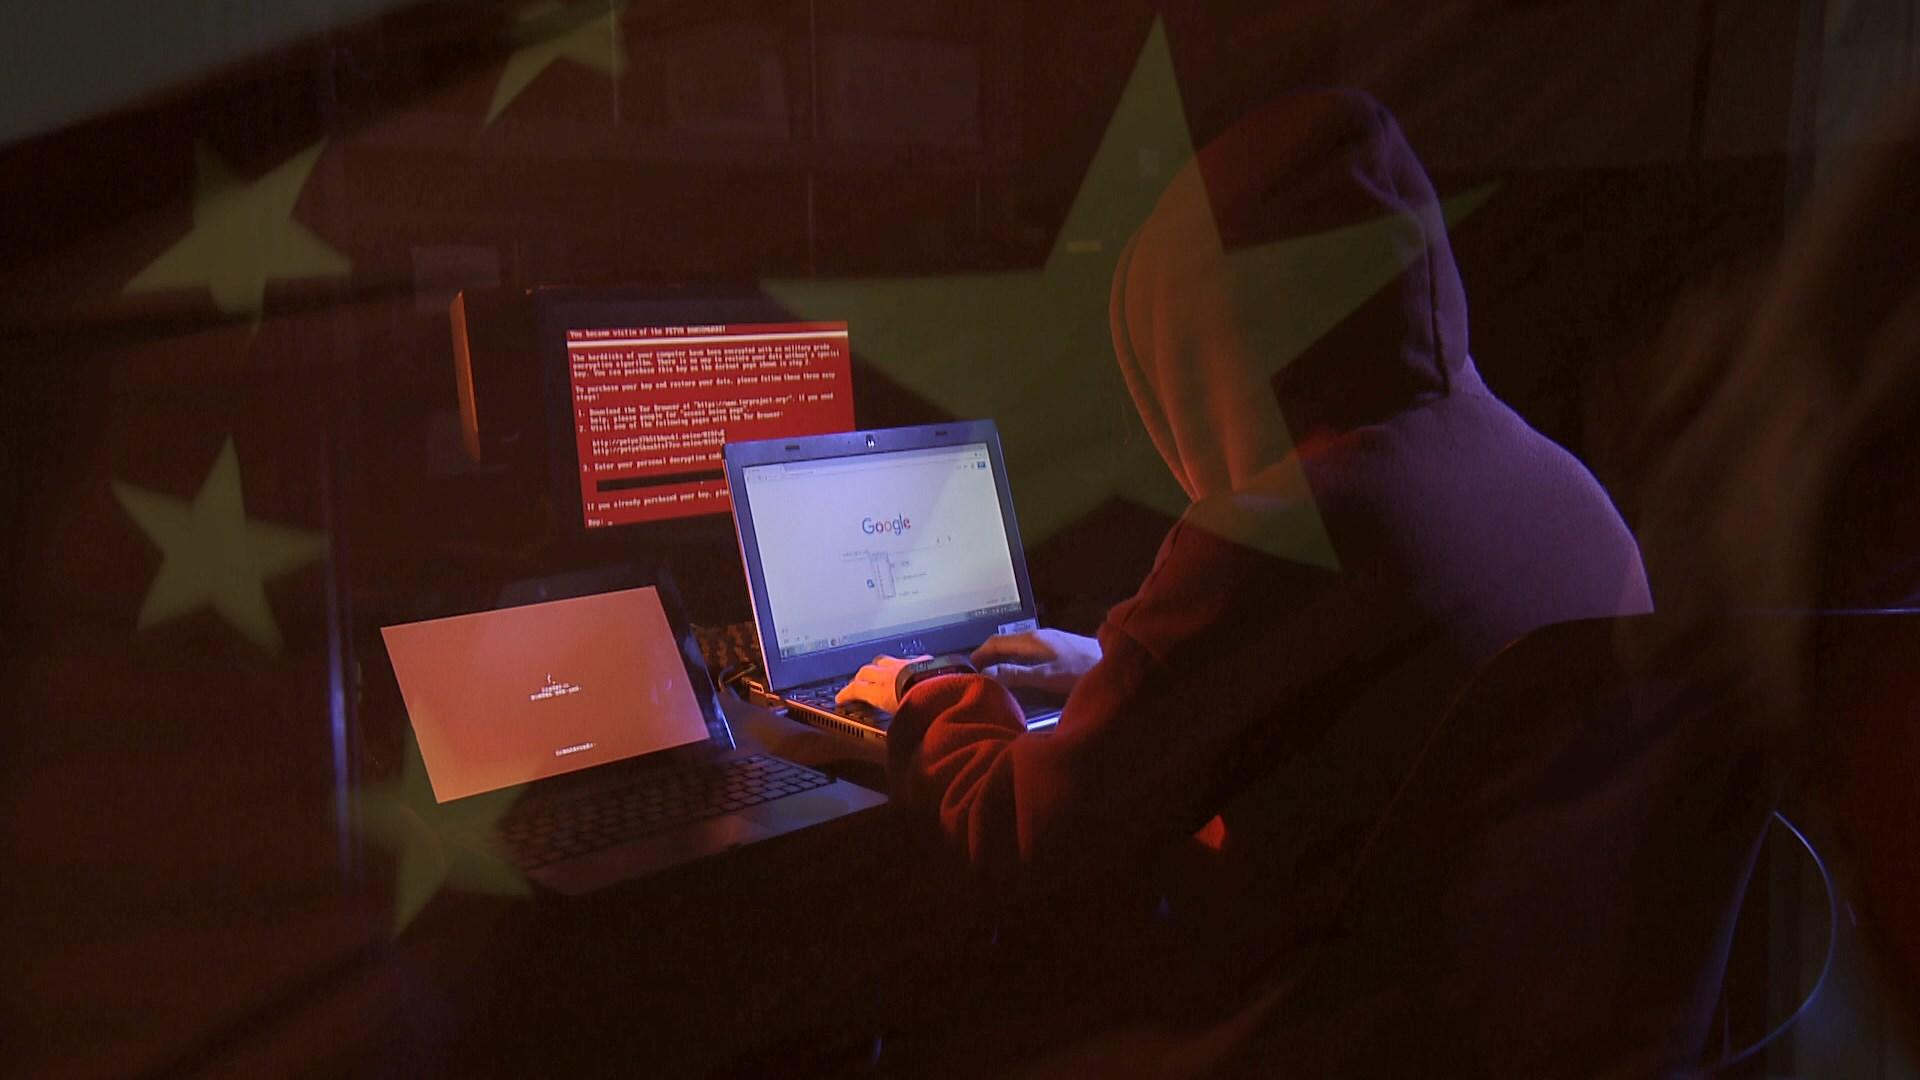 報道指華黑客攻擊全球大學竊軍事機密